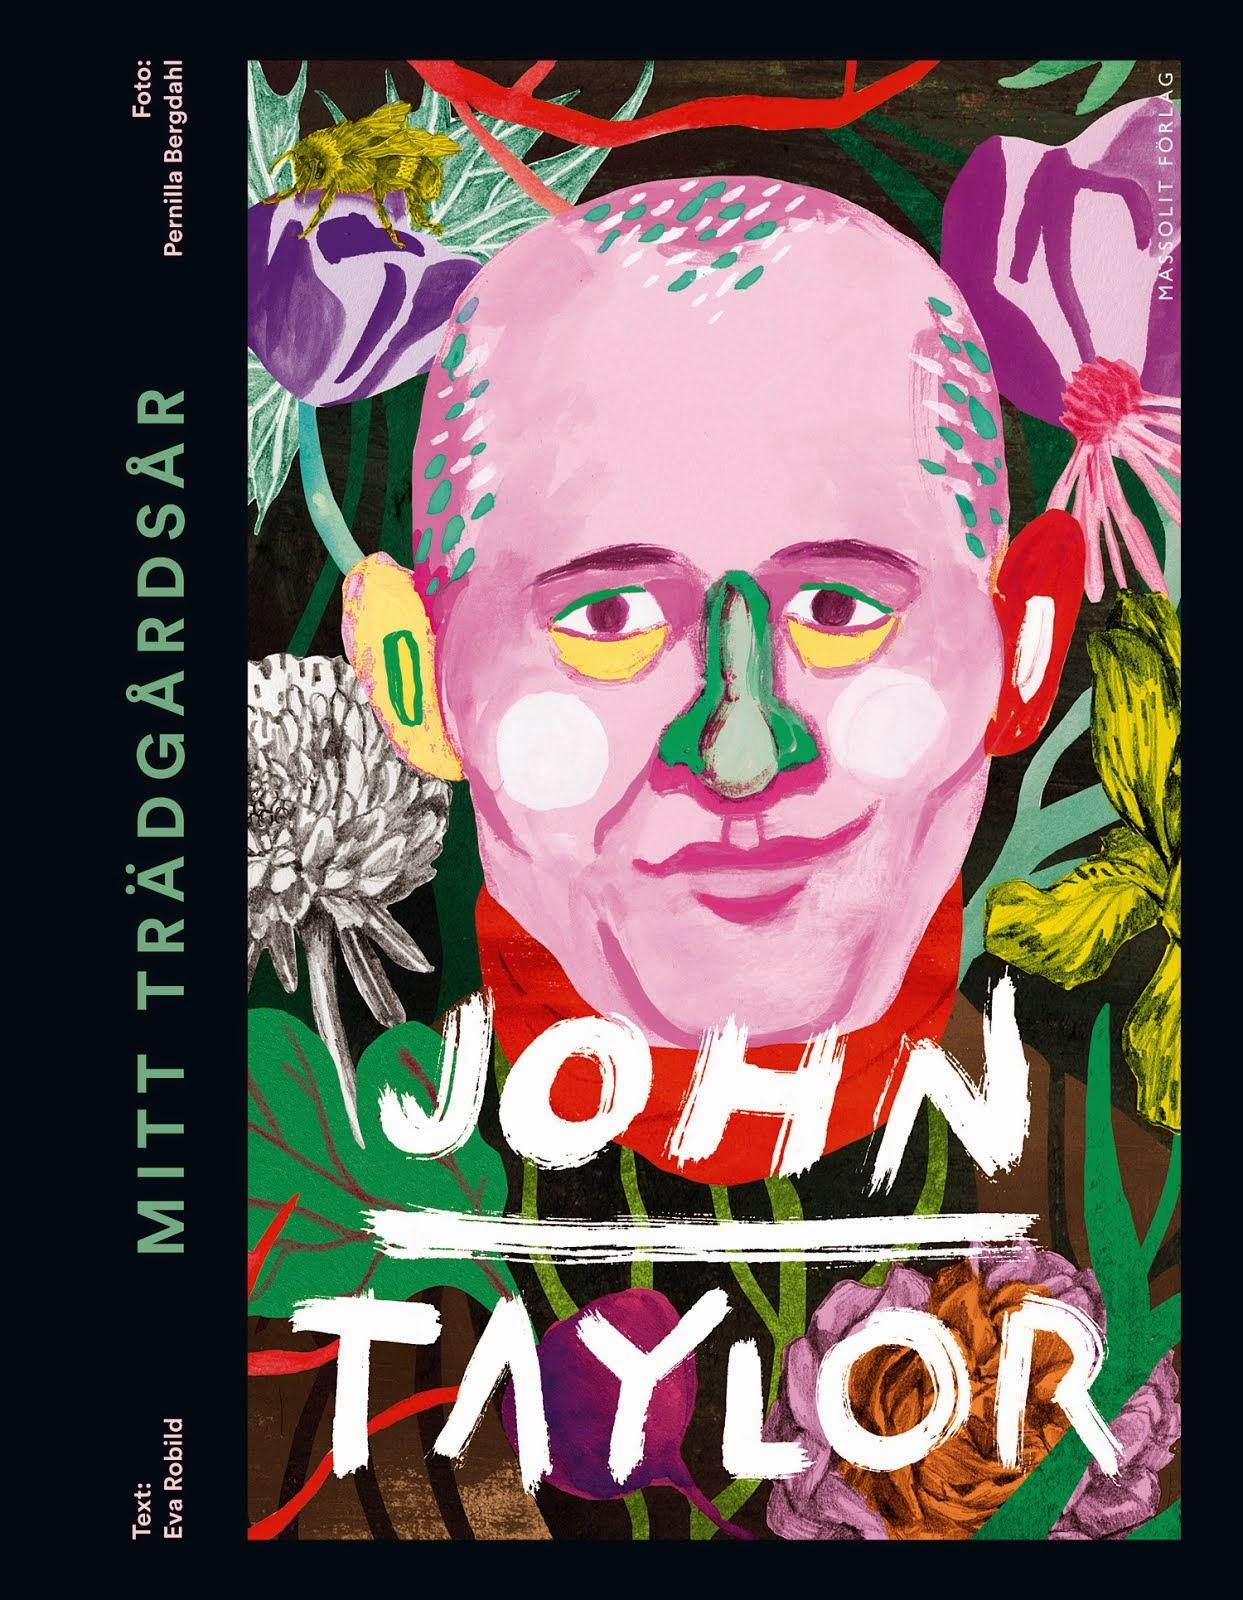 Mitt trädgårdsår John Taylor